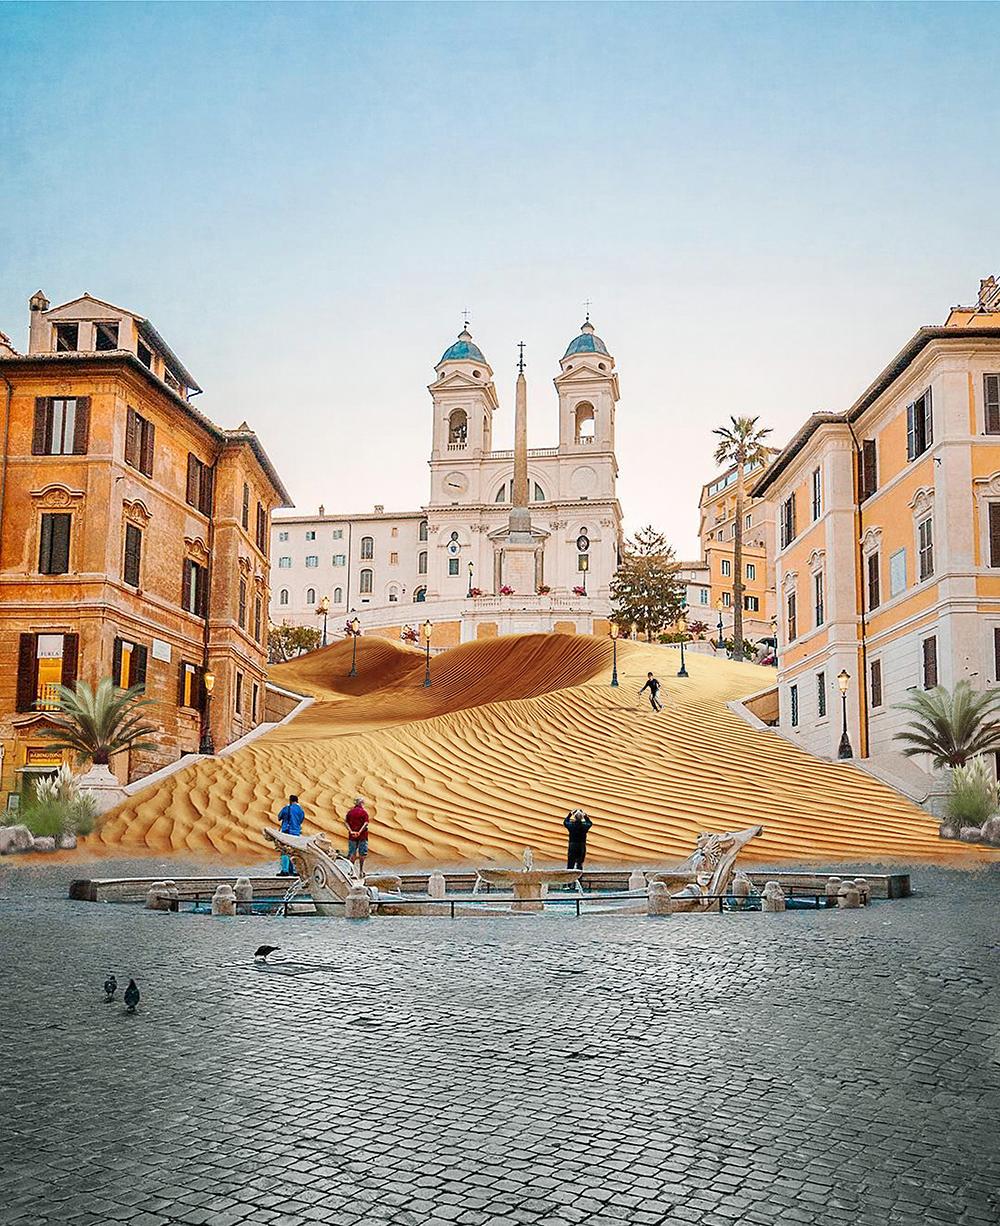 Aut Aut Architettura, Le intoccabili. Piazza di Spagna. Courtesy Aut Aut Architettura